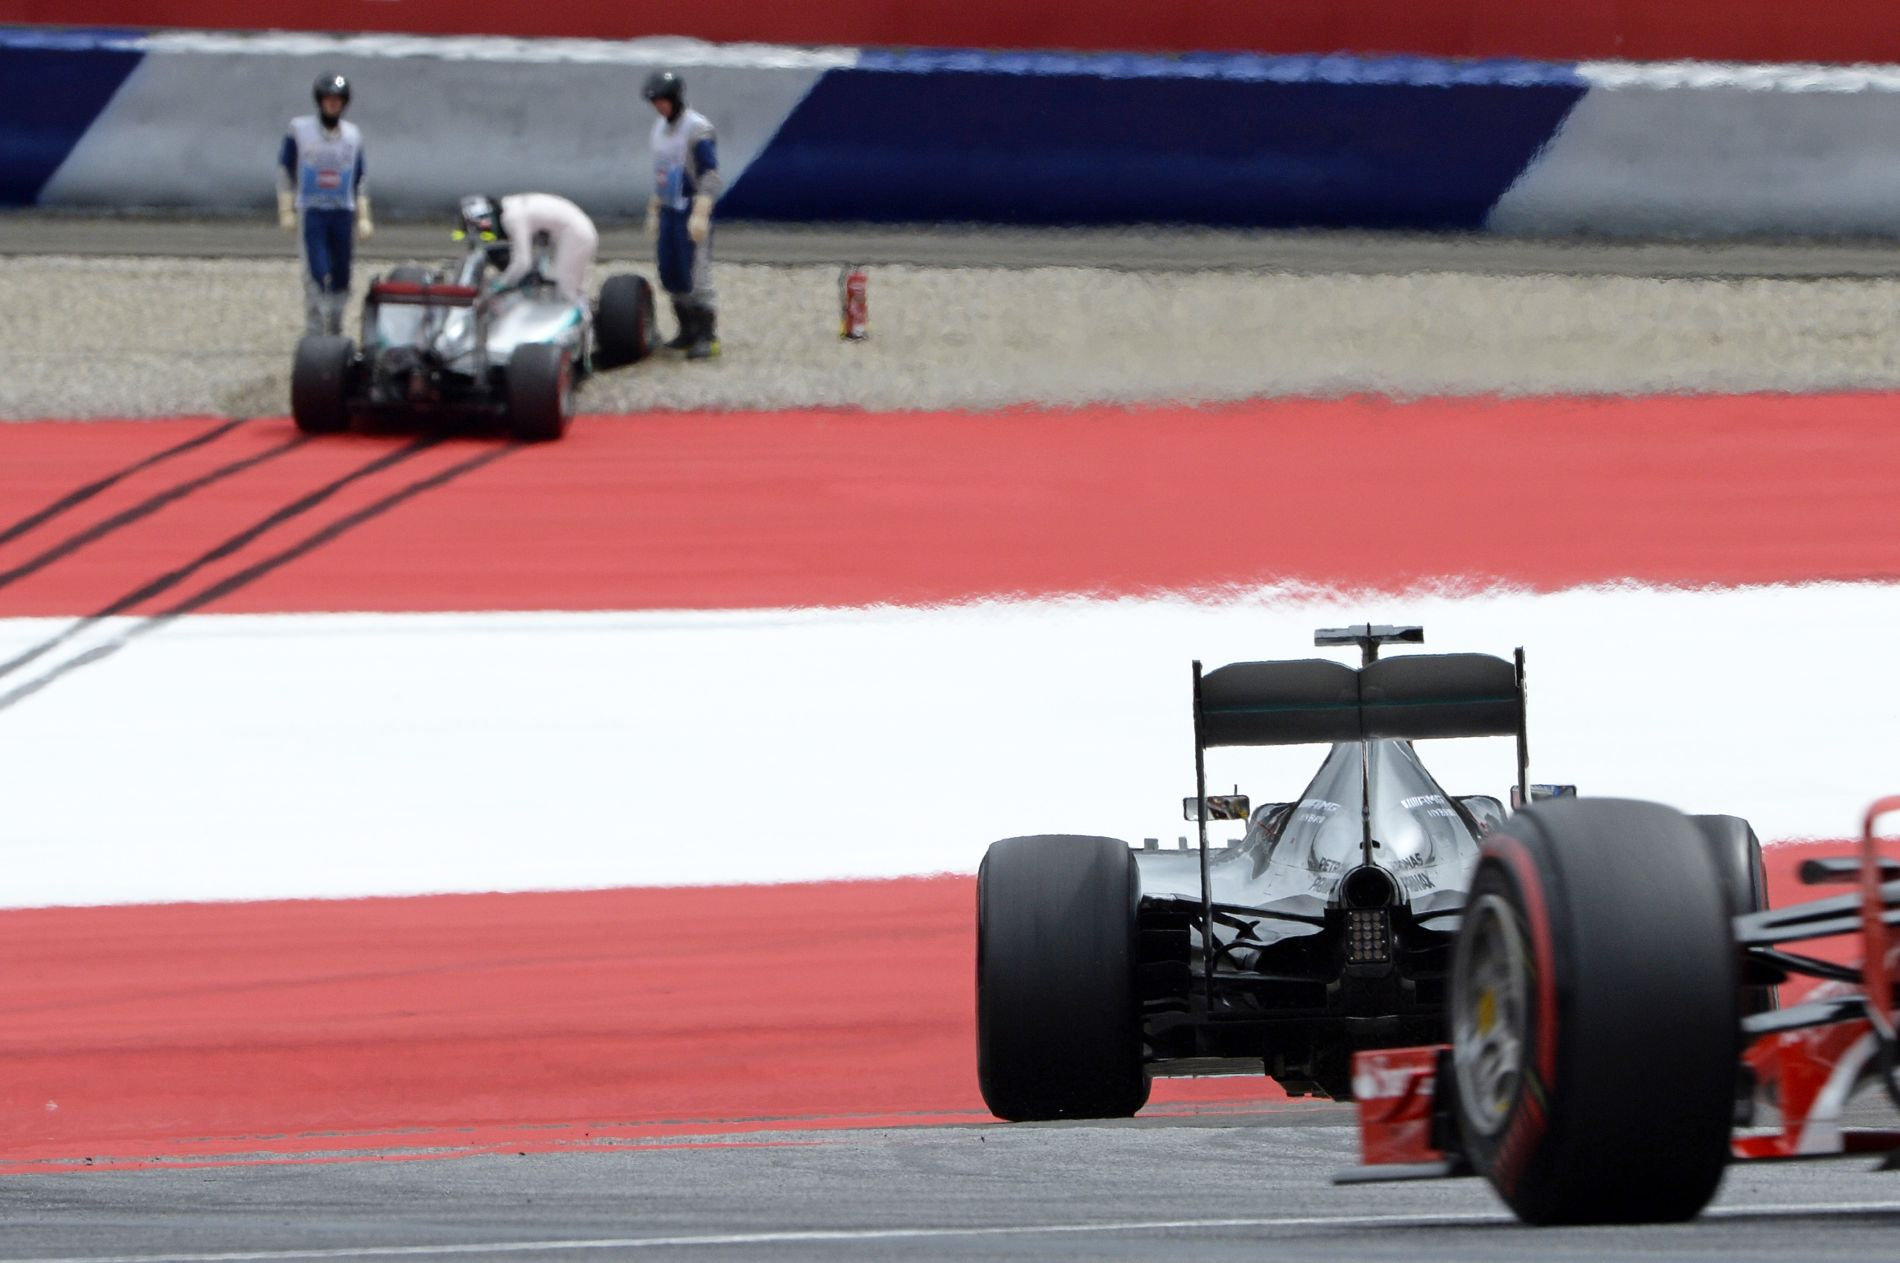 Tesztelni kéne a Pirelli extralágy abroncsát, de a csapatok nem tudnak megegyezni